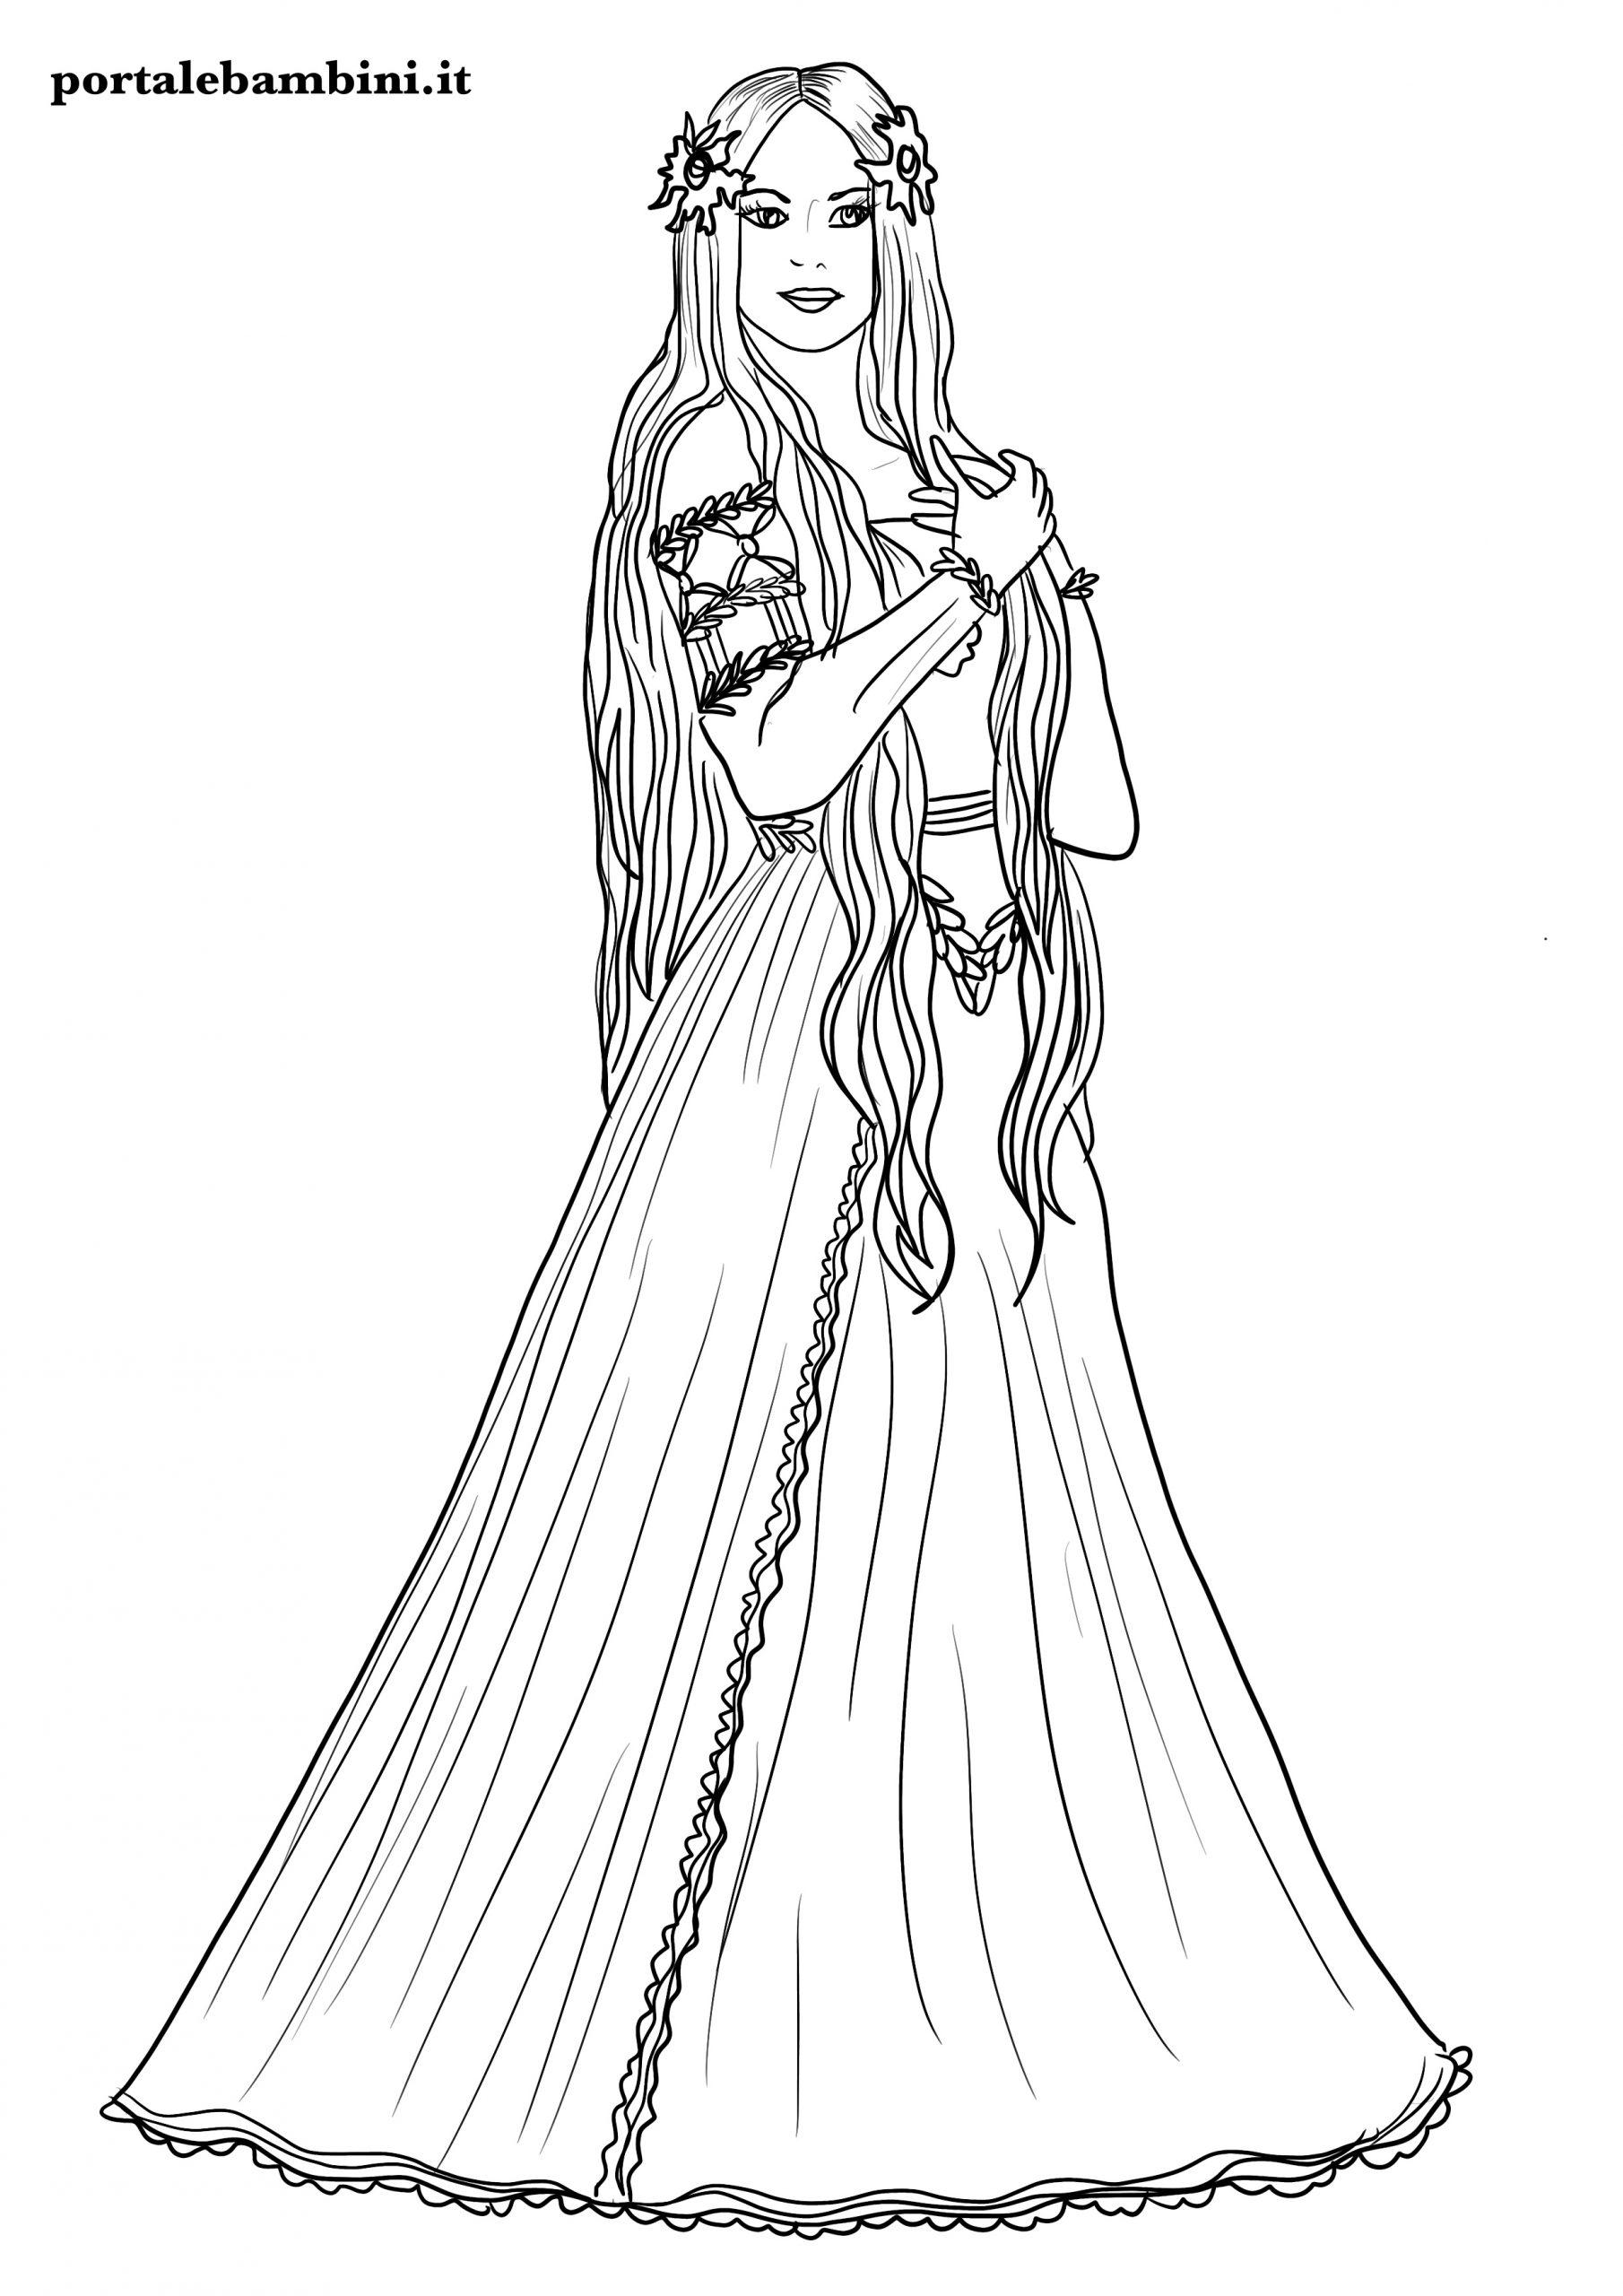 disegni di principesse da stampare e colorare 1